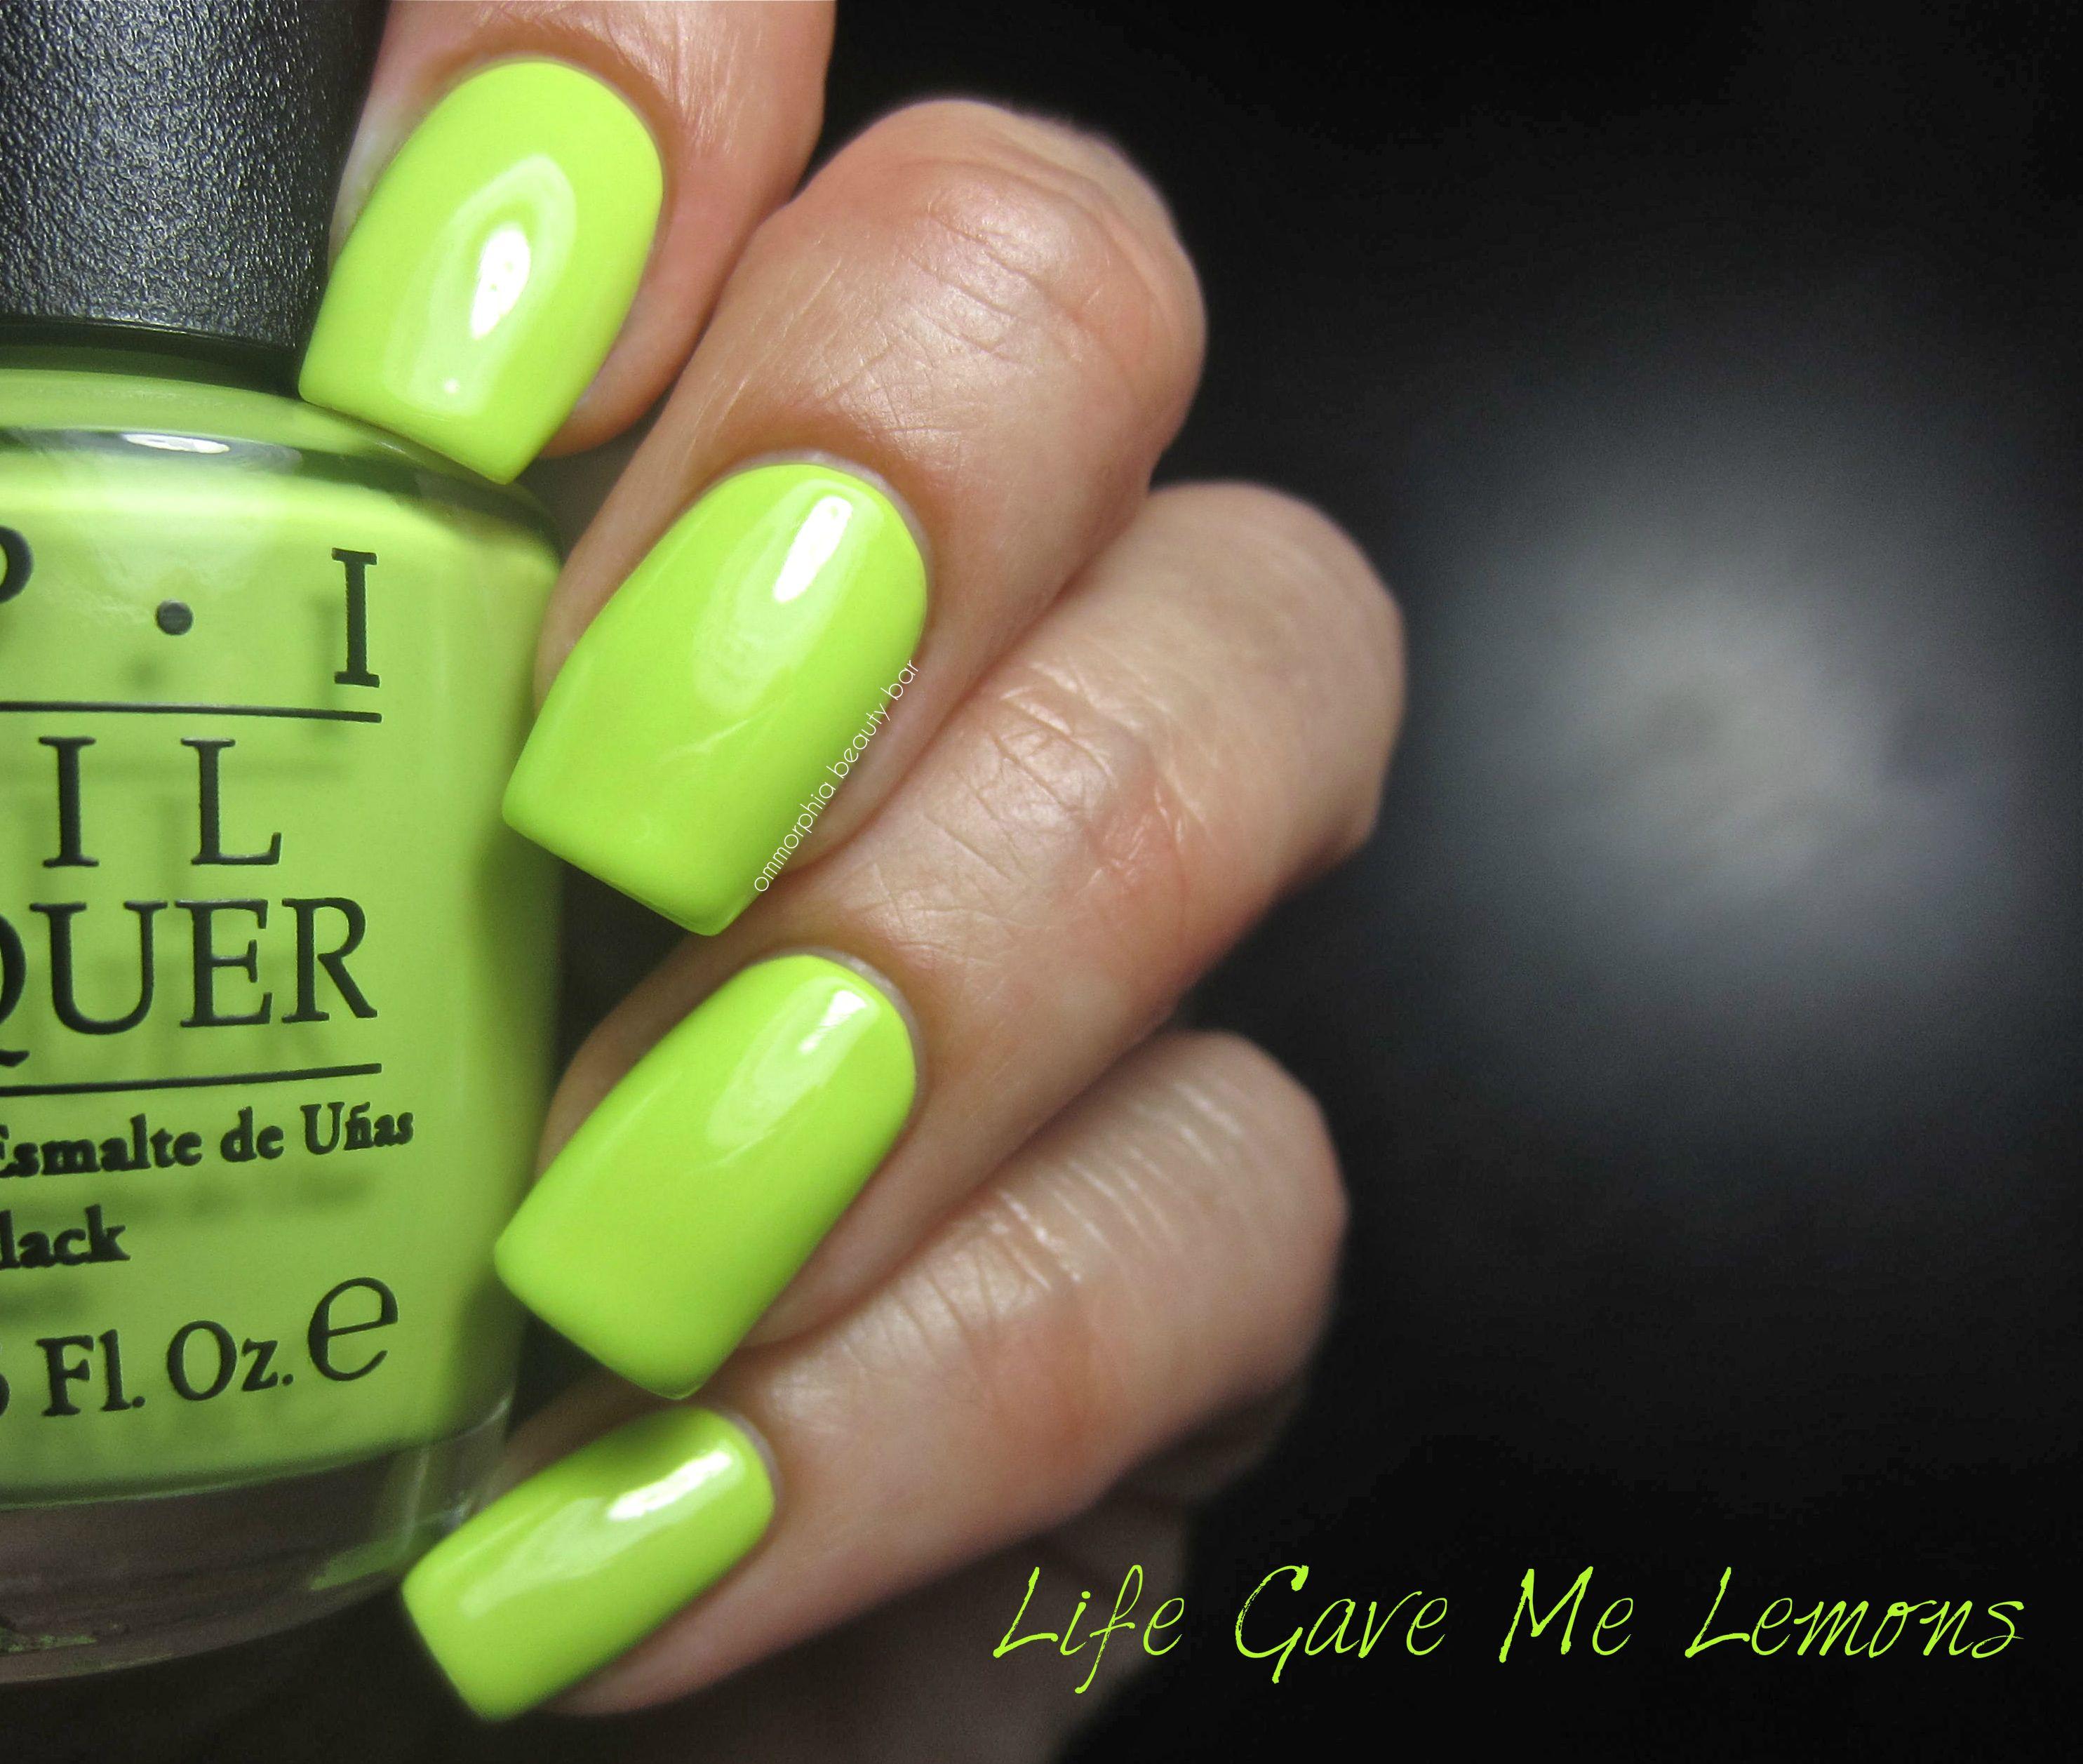 OPI neons - life gave me lemons , in gel color | You should\'ve seen ...